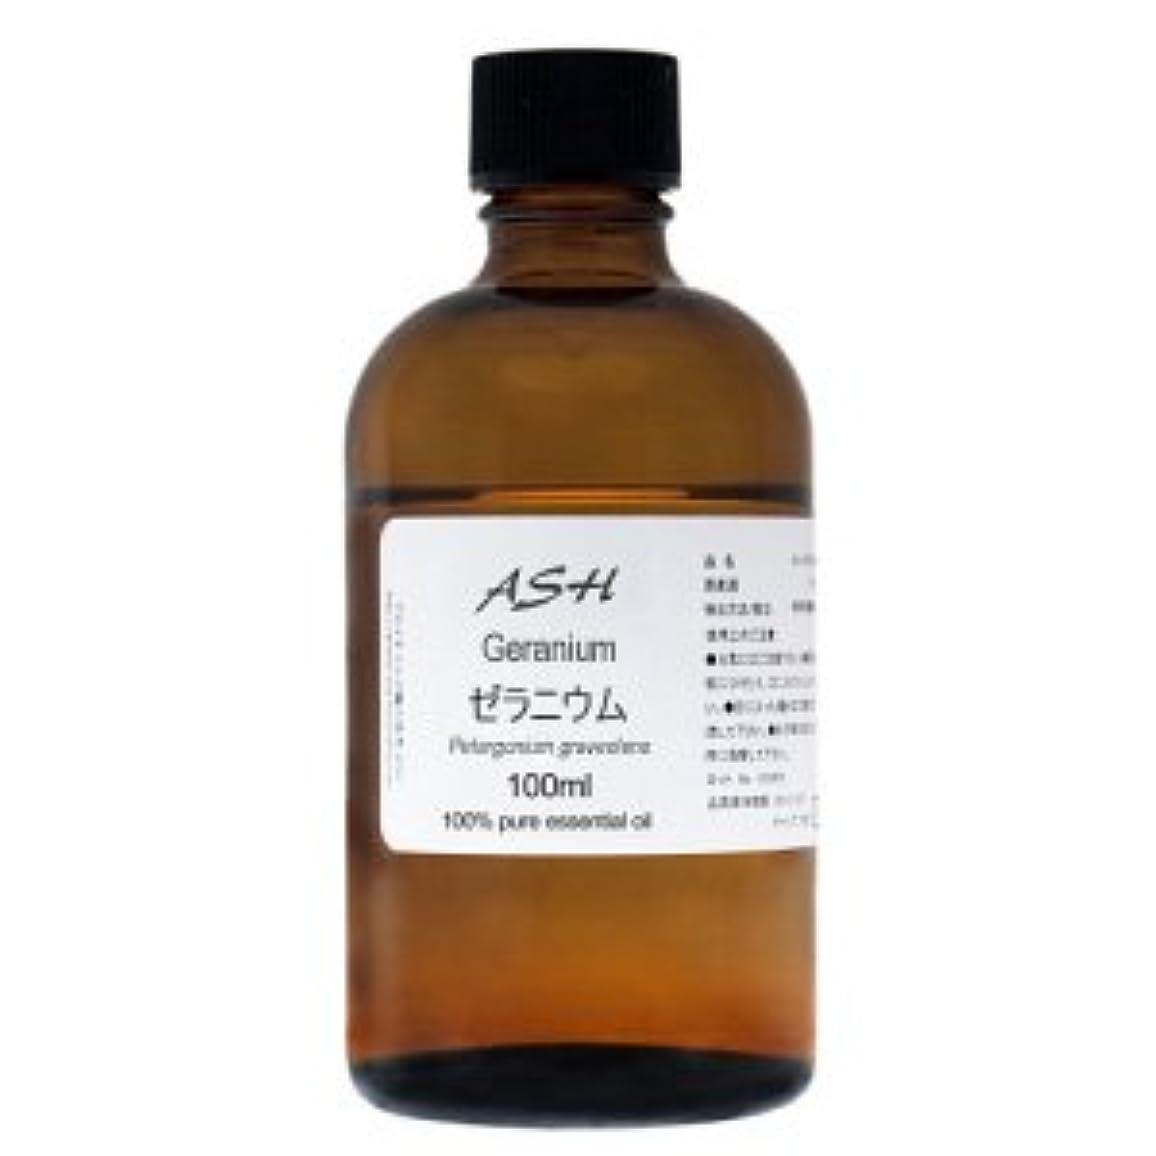 社会学取得寛大さASH ゼラニウム エッセンシャルオイル 100ml AEAJ表示基準適合認定精油